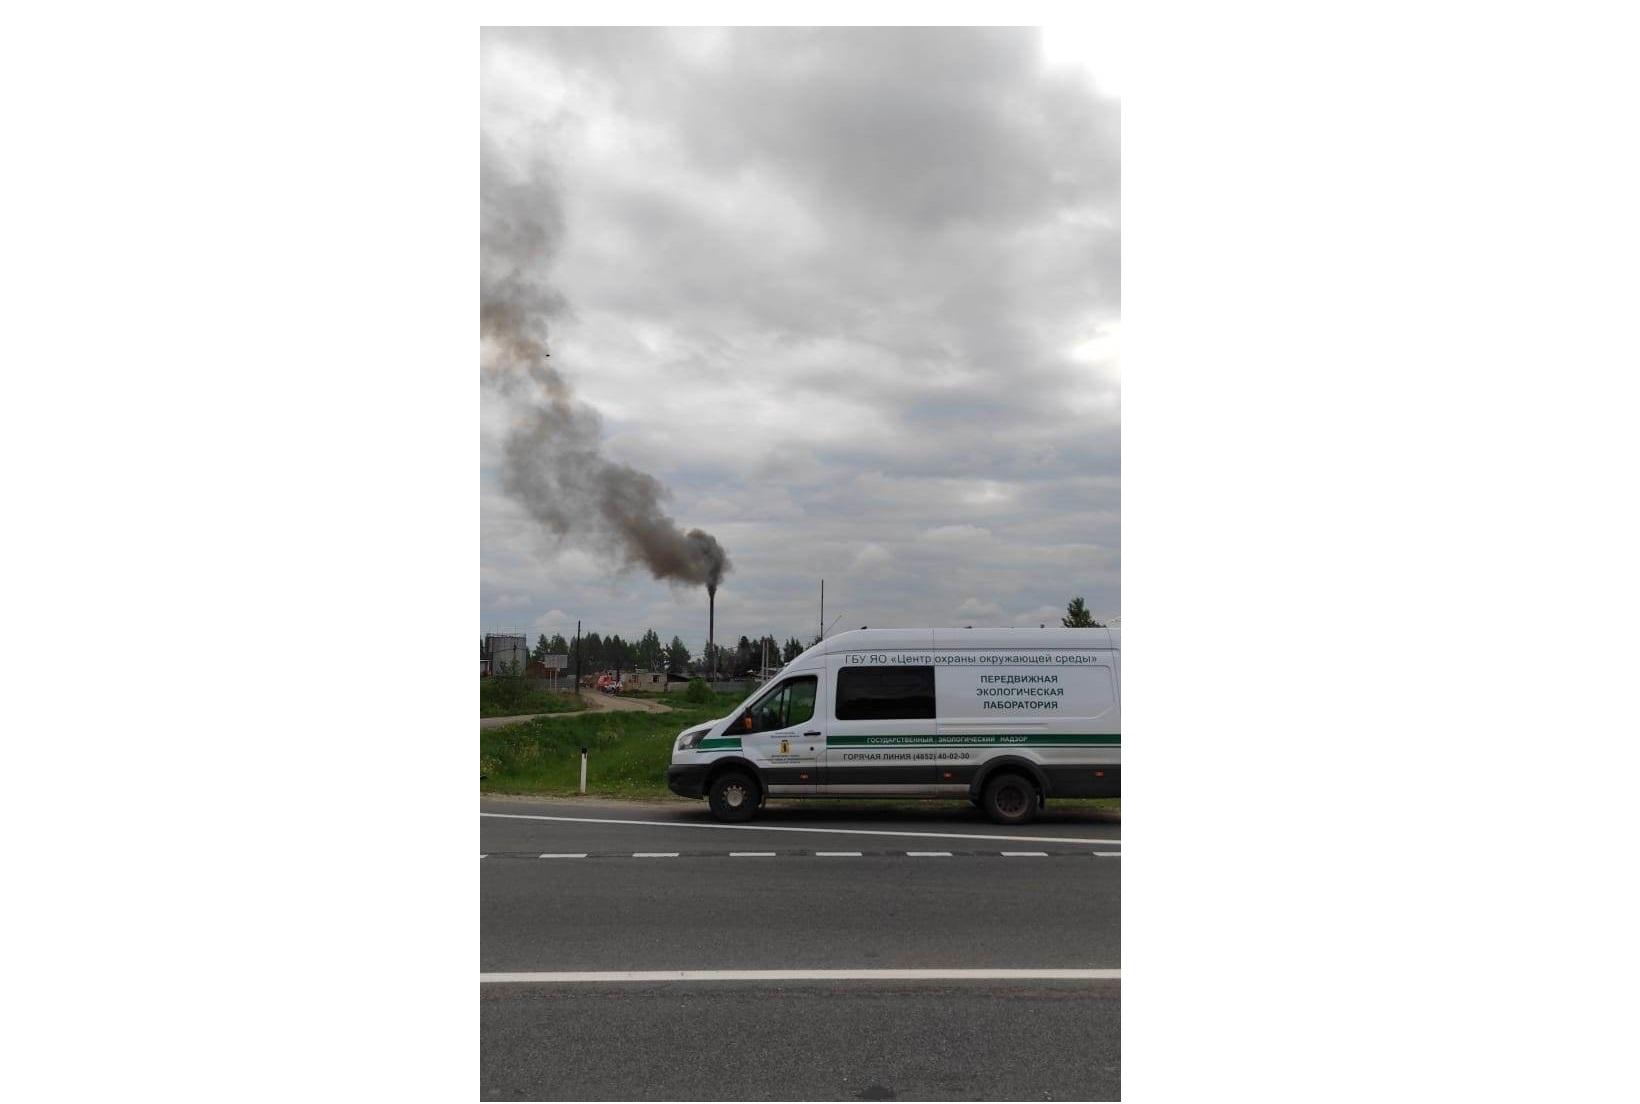 В Ярославском районе проводят проверку по факту выбросов дымовых газов черного цвета от асфальтобетонного завода